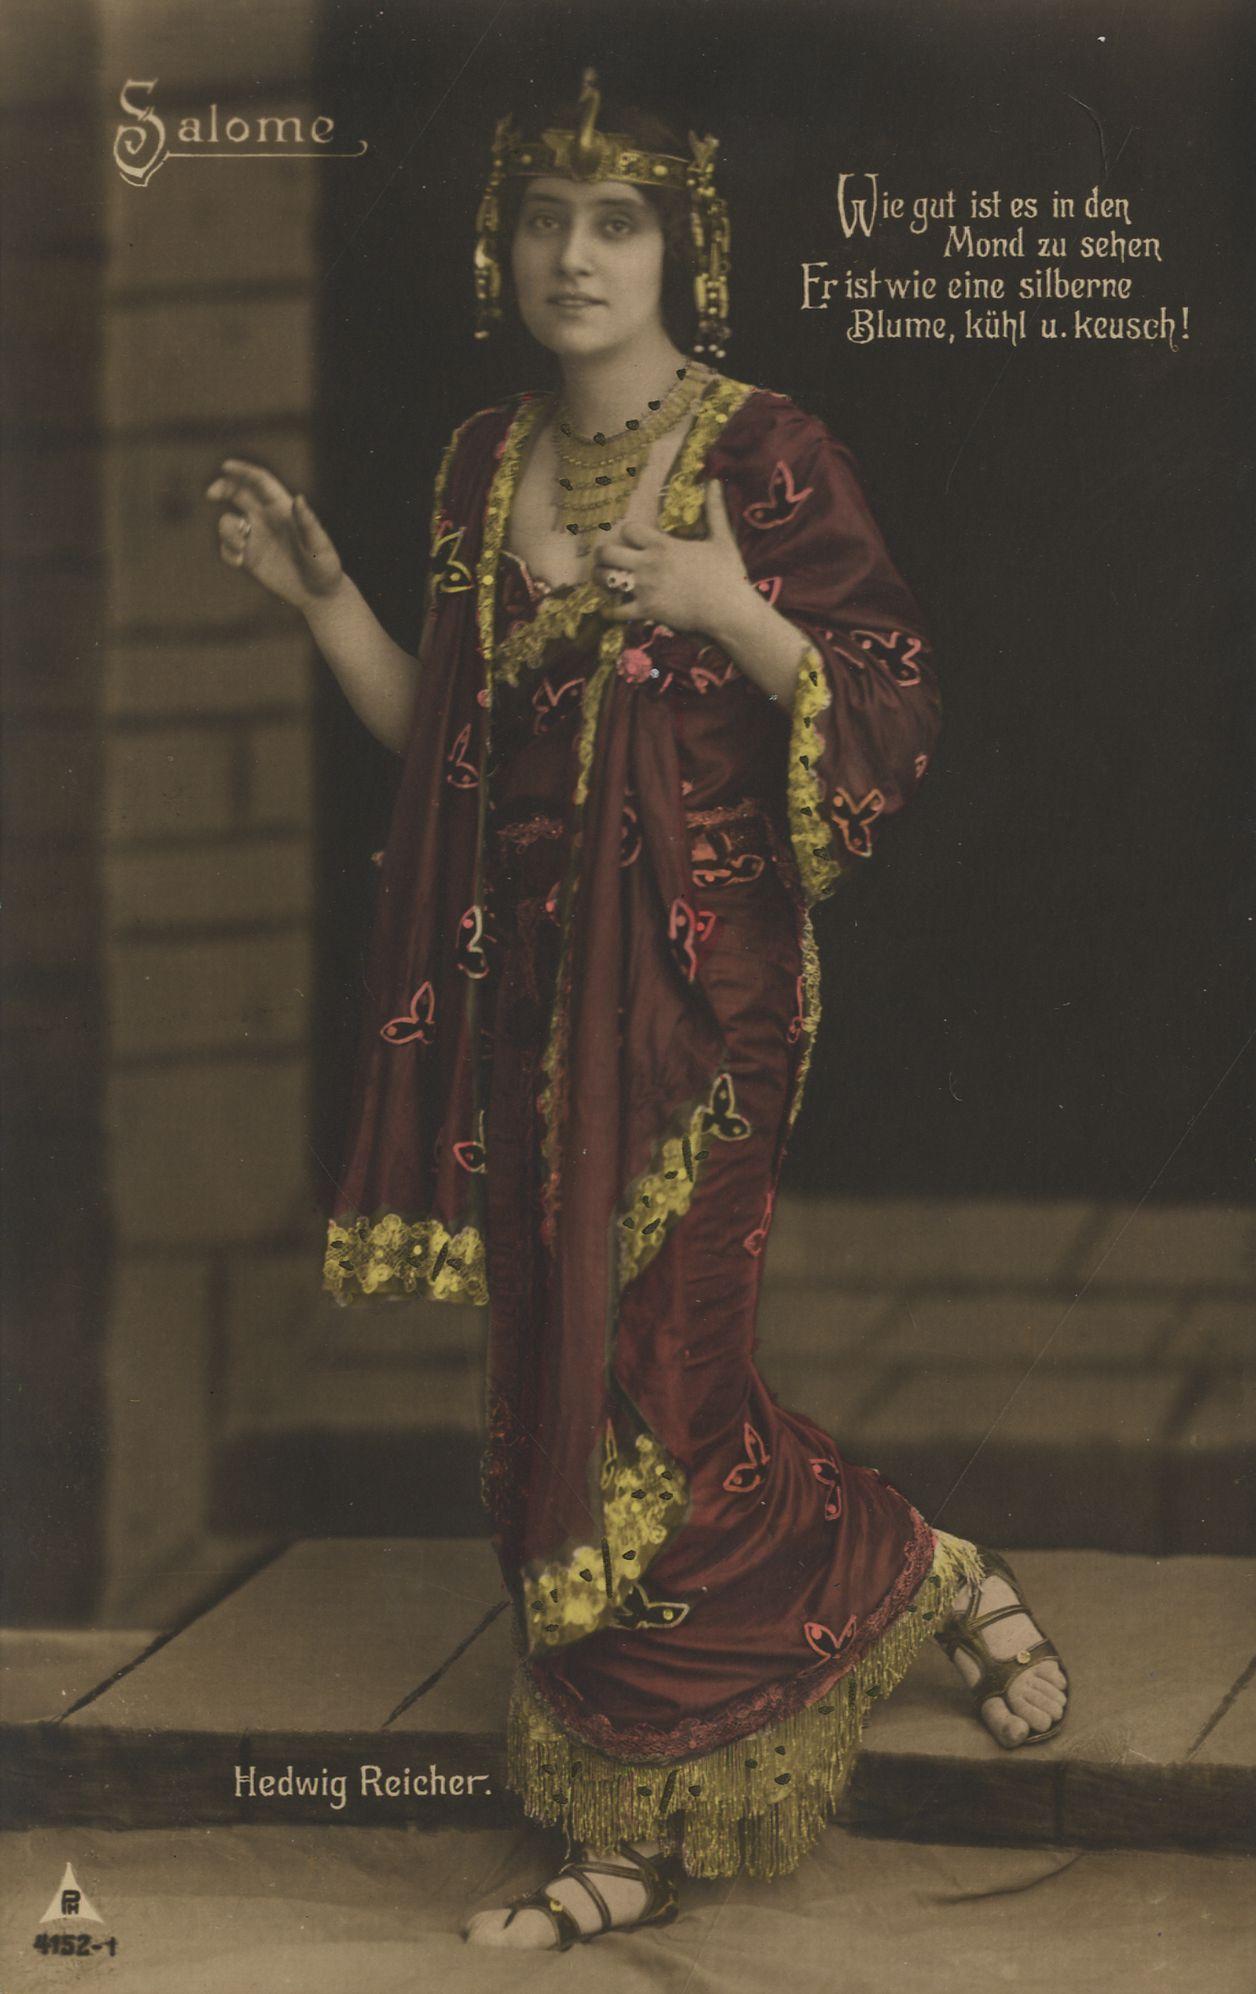 Hedwiga Reicher